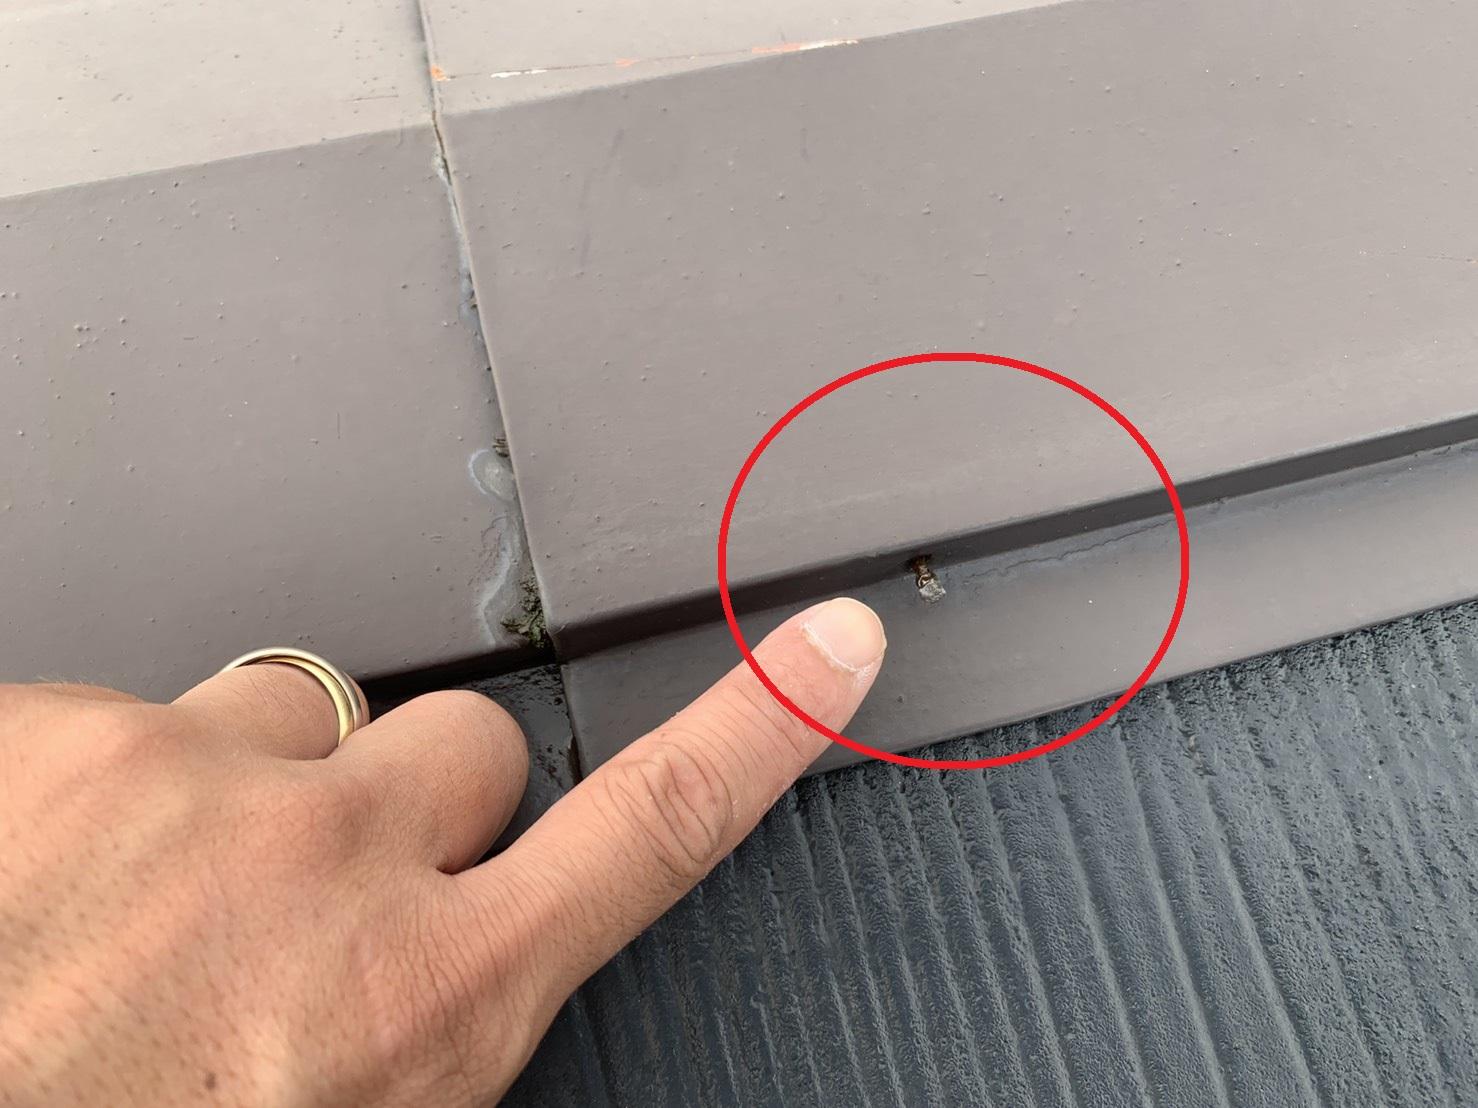 スレート屋根の棟板金を固定している釘が浮いている様子